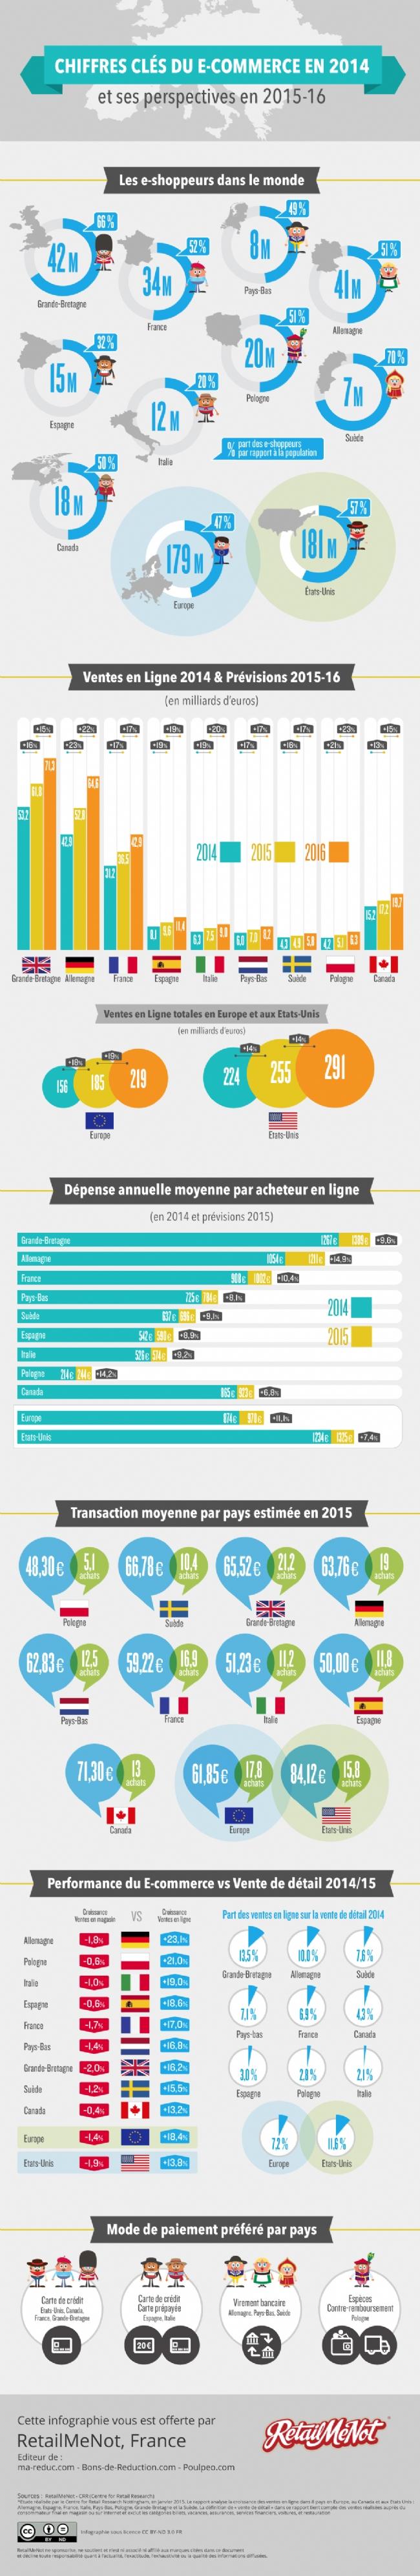 commerce-en-ligne-europe-usa-2015